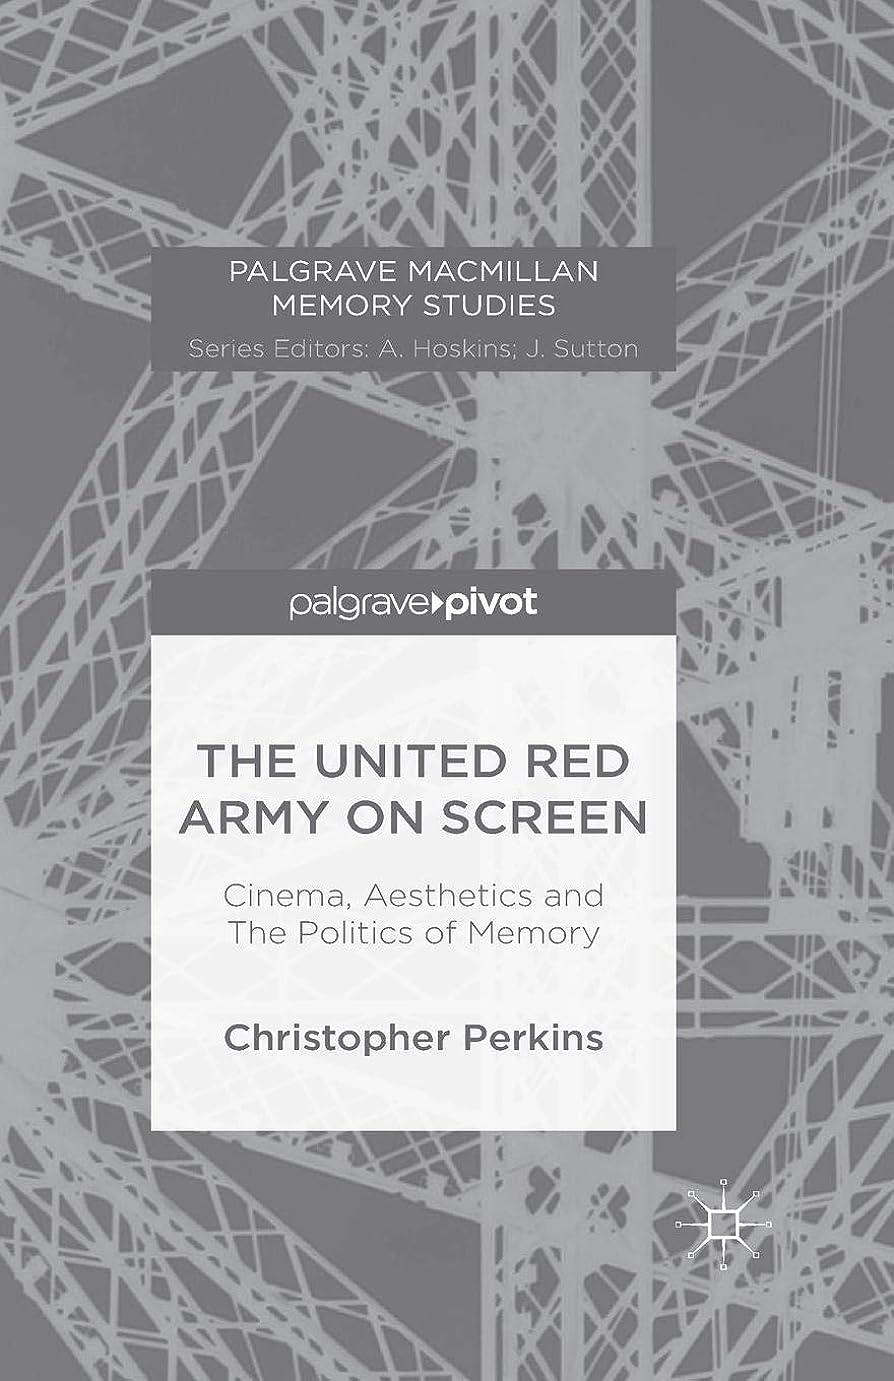 がっかりした猛烈な粘液The United Red Army on Screen: Cinema, Aesthetics and The Politics of Memory (Palgrave Macmillan Memory Studies)